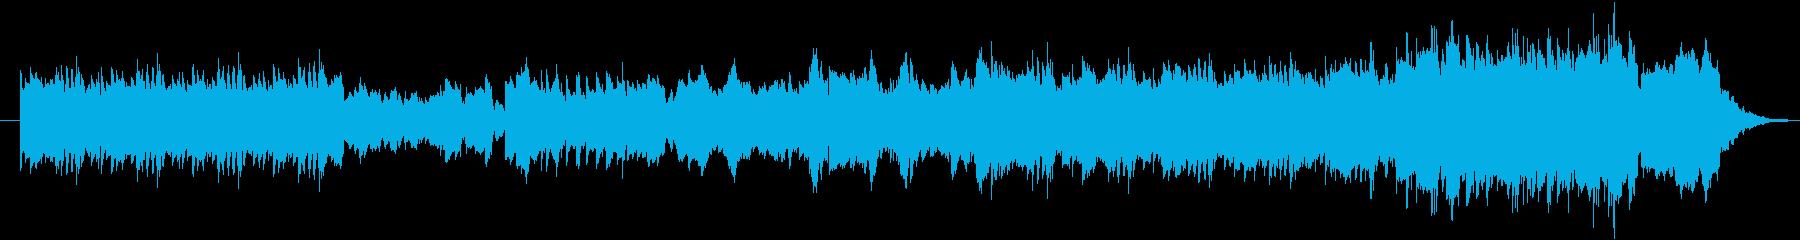 軽快なアコースティックサウンドの再生済みの波形